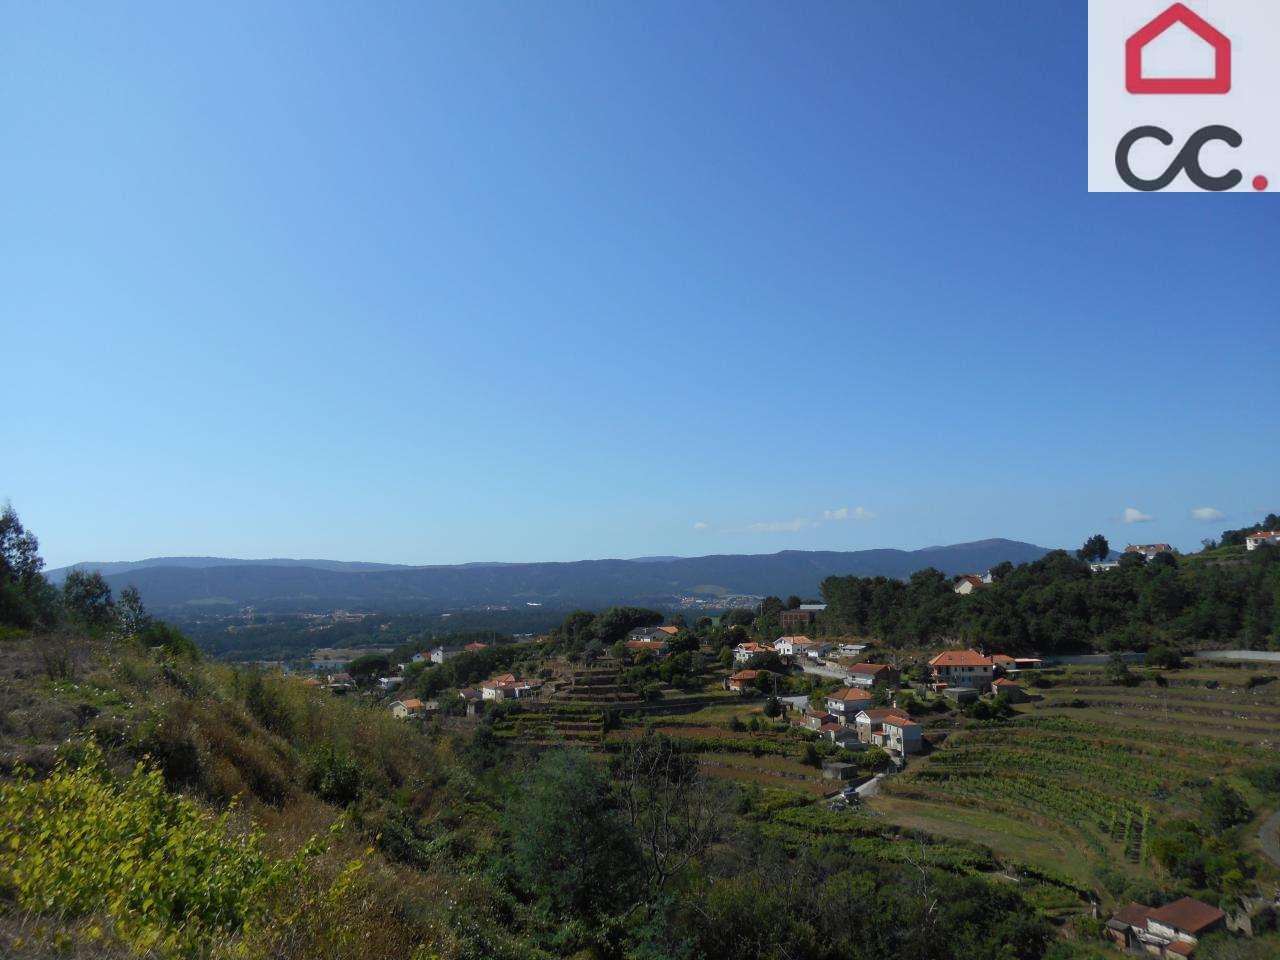 Terreno para comprar, Loivo, Vila Nova de Cerveira, Viana do Castelo - Foto 1